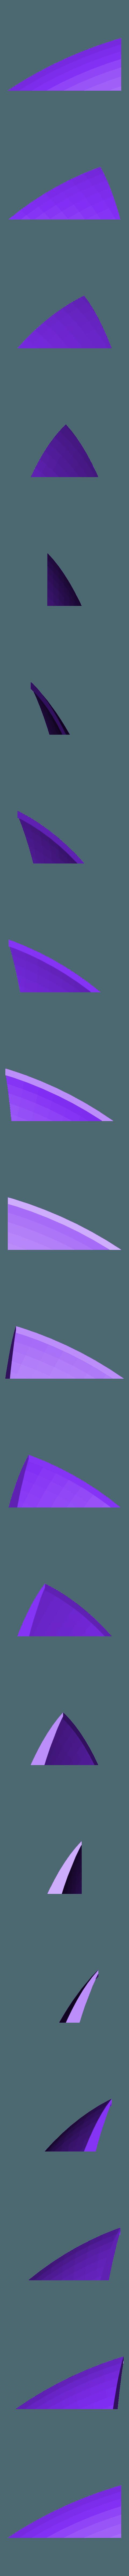 1.STL Télécharger fichier STL gratuit Bouclier du capitaine amérique (Entièrement détaillé) • Design pour imprimante 3D, Absolute3D